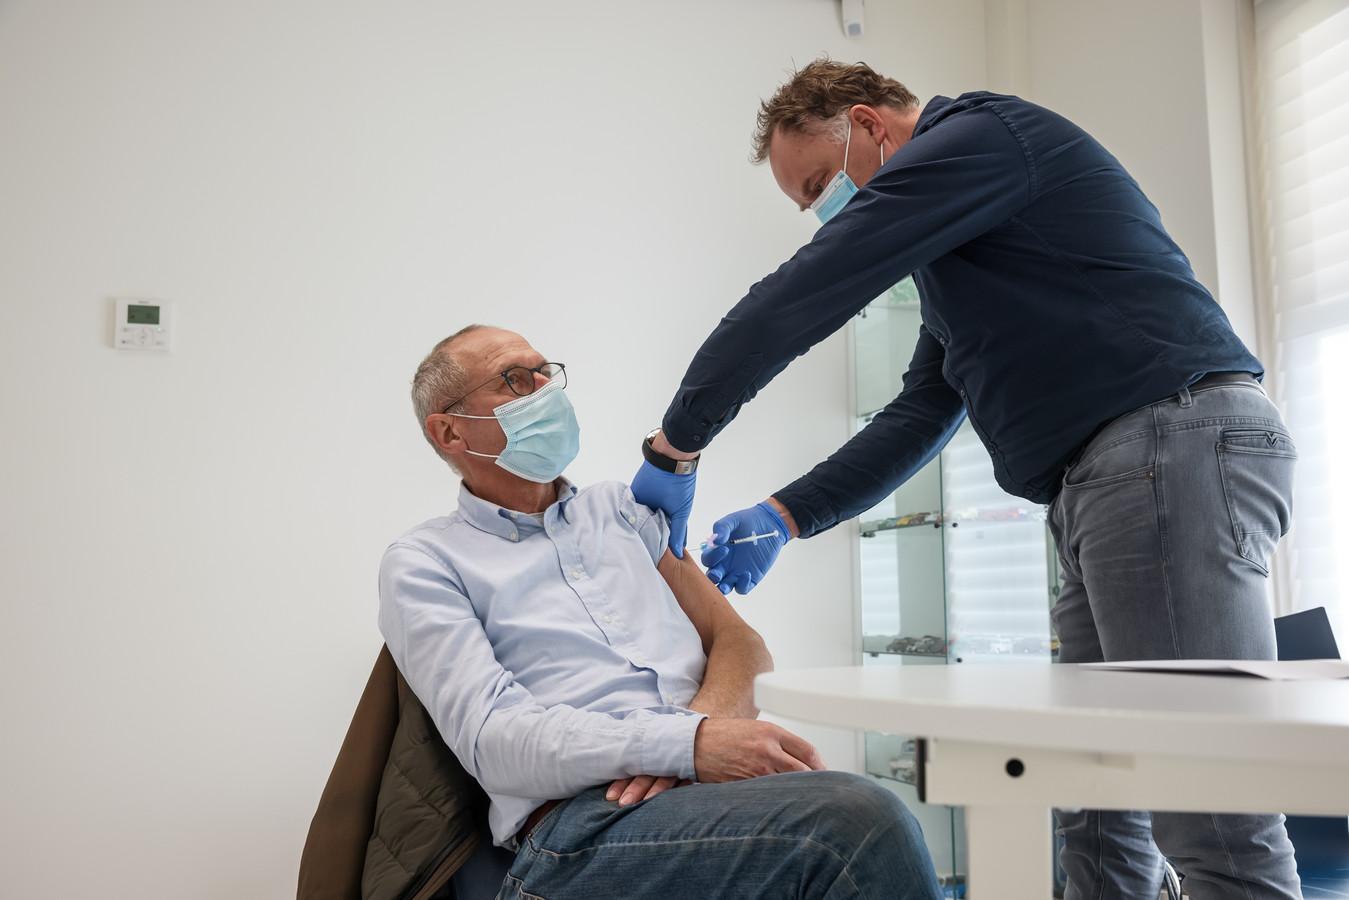 Breda - Dhr. Simons krijgt een prik van AstraZeneca bij huisartsenteam Ginneken van dokter André van den Broek.